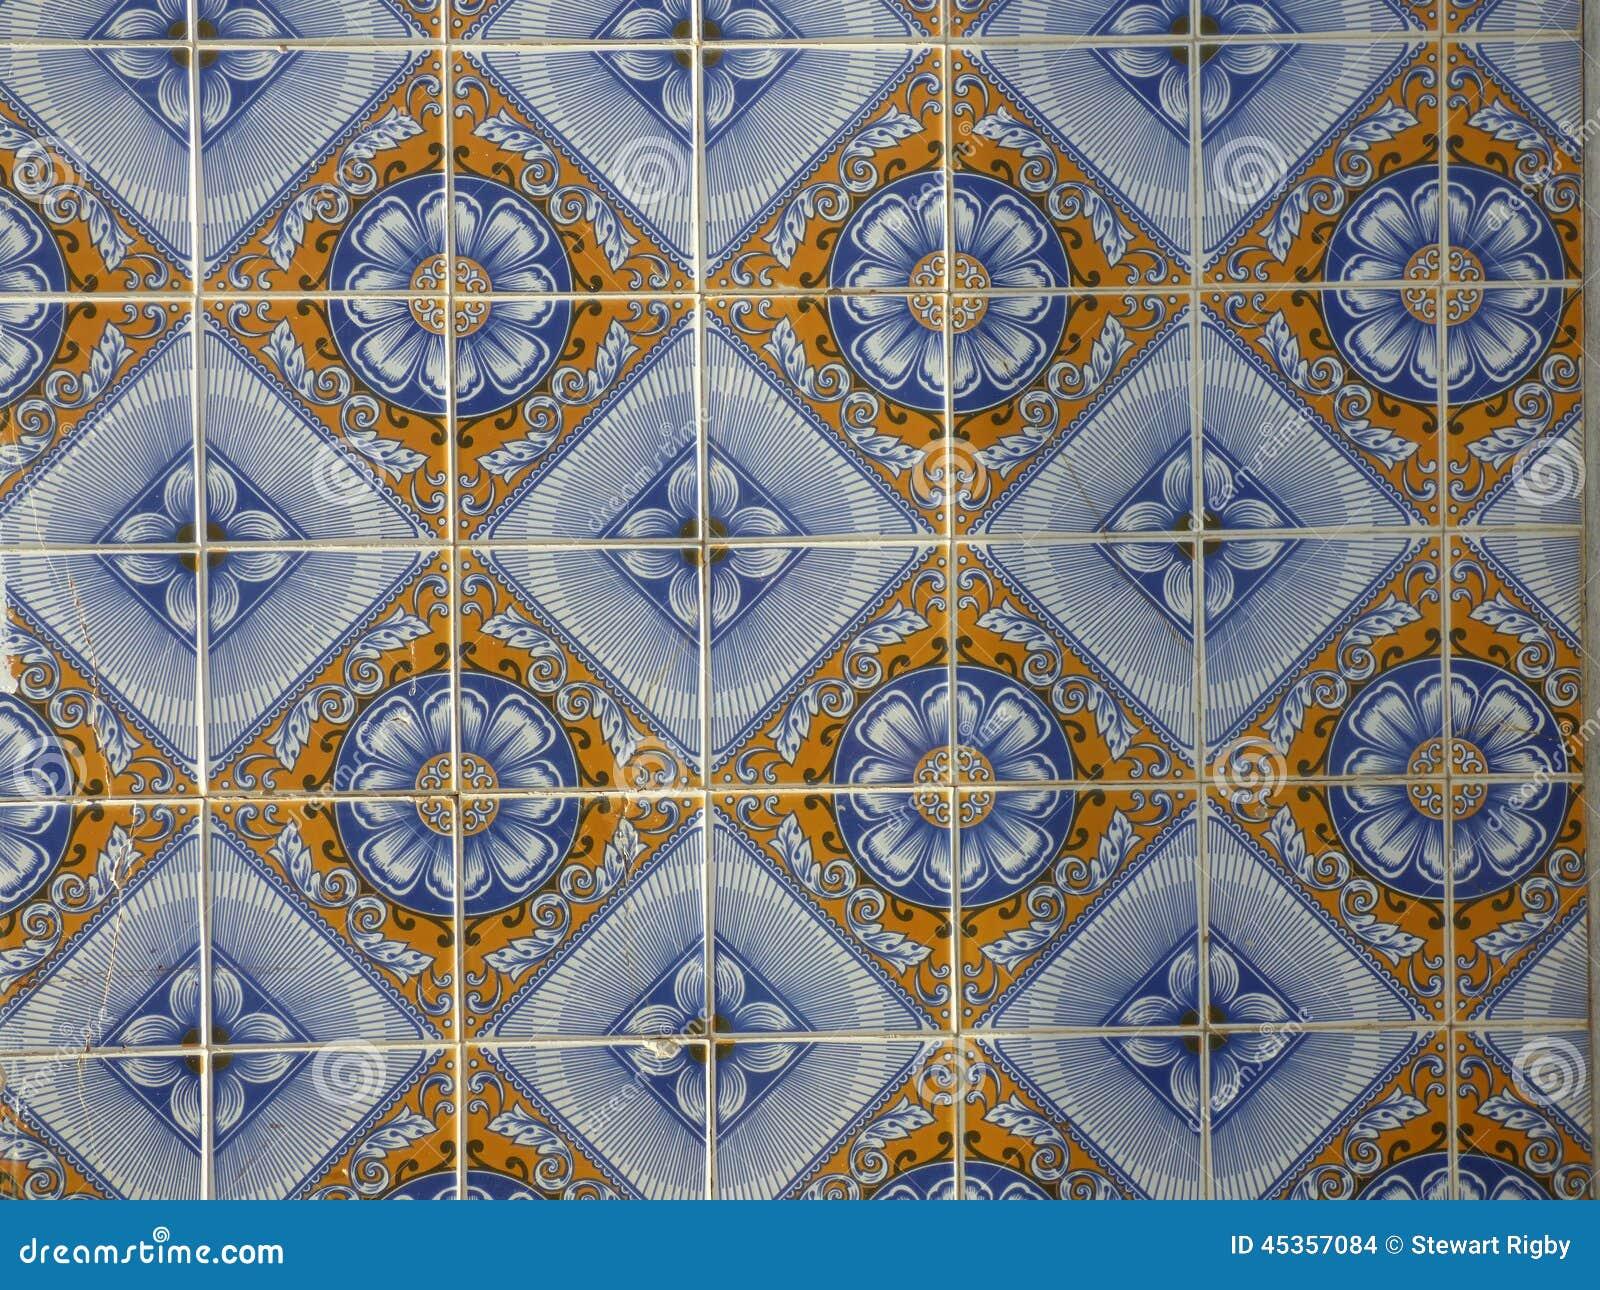 Keramische Portugese Tegels : Traditionele portugese keramische tegels stock foto afbeelding